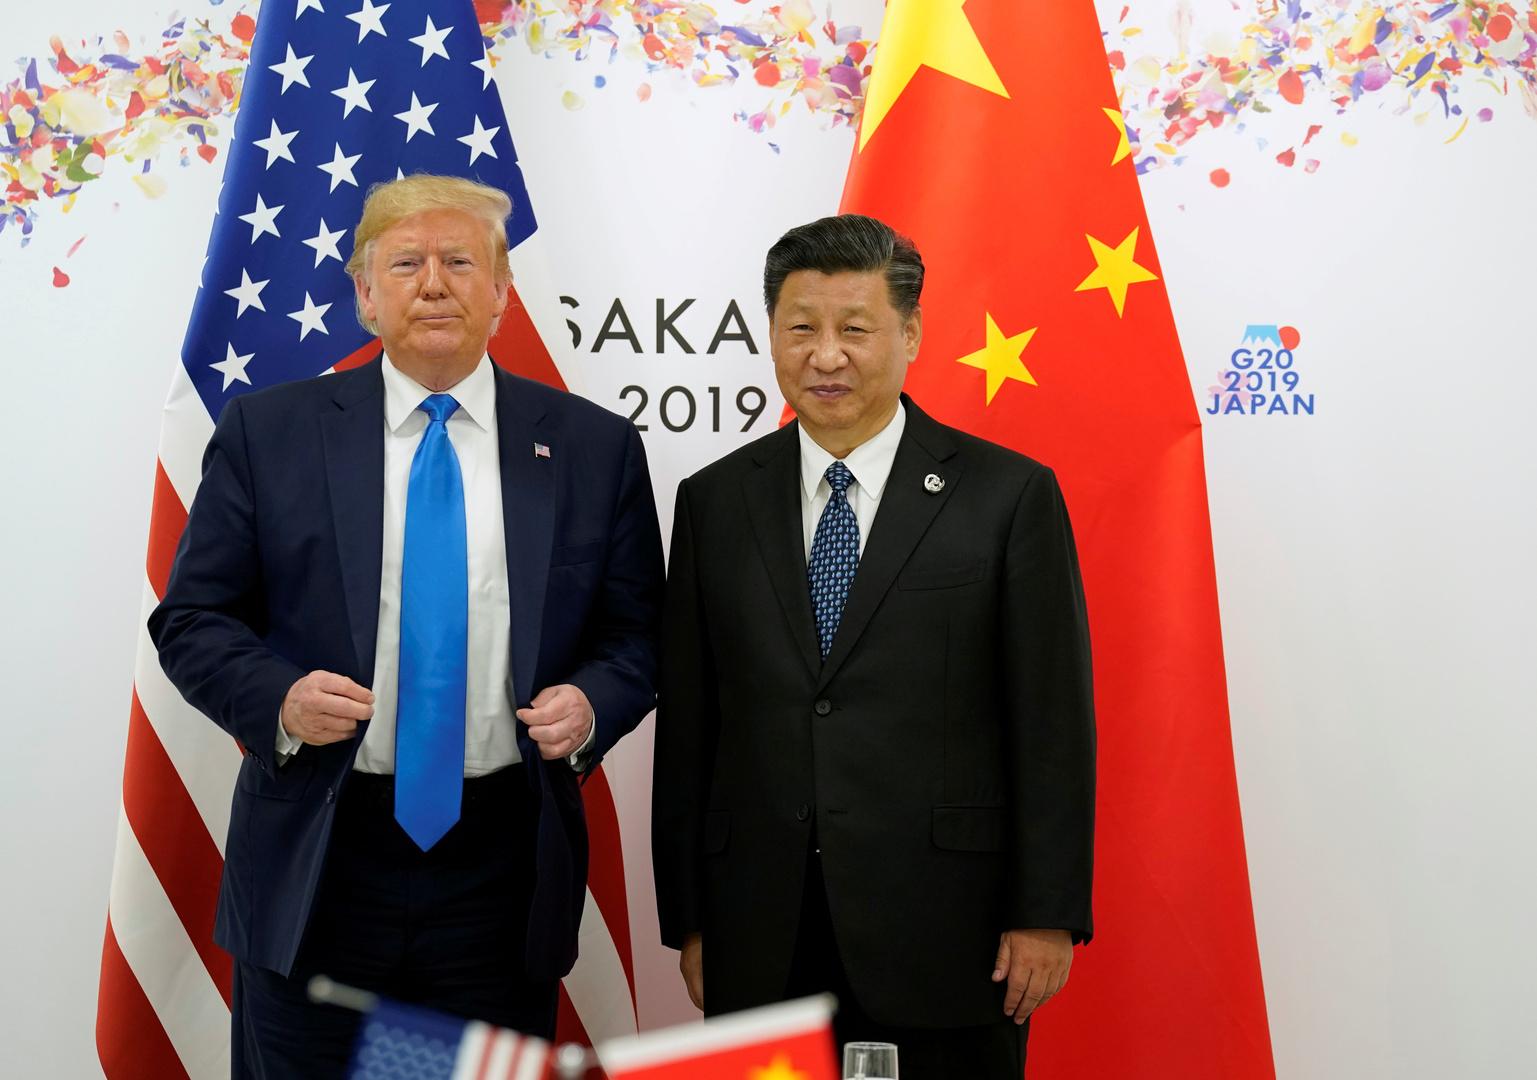 البنتاغون قلق: في العام 2030 سوف تخسر الولايات المتحدة الحرب أمام الصين